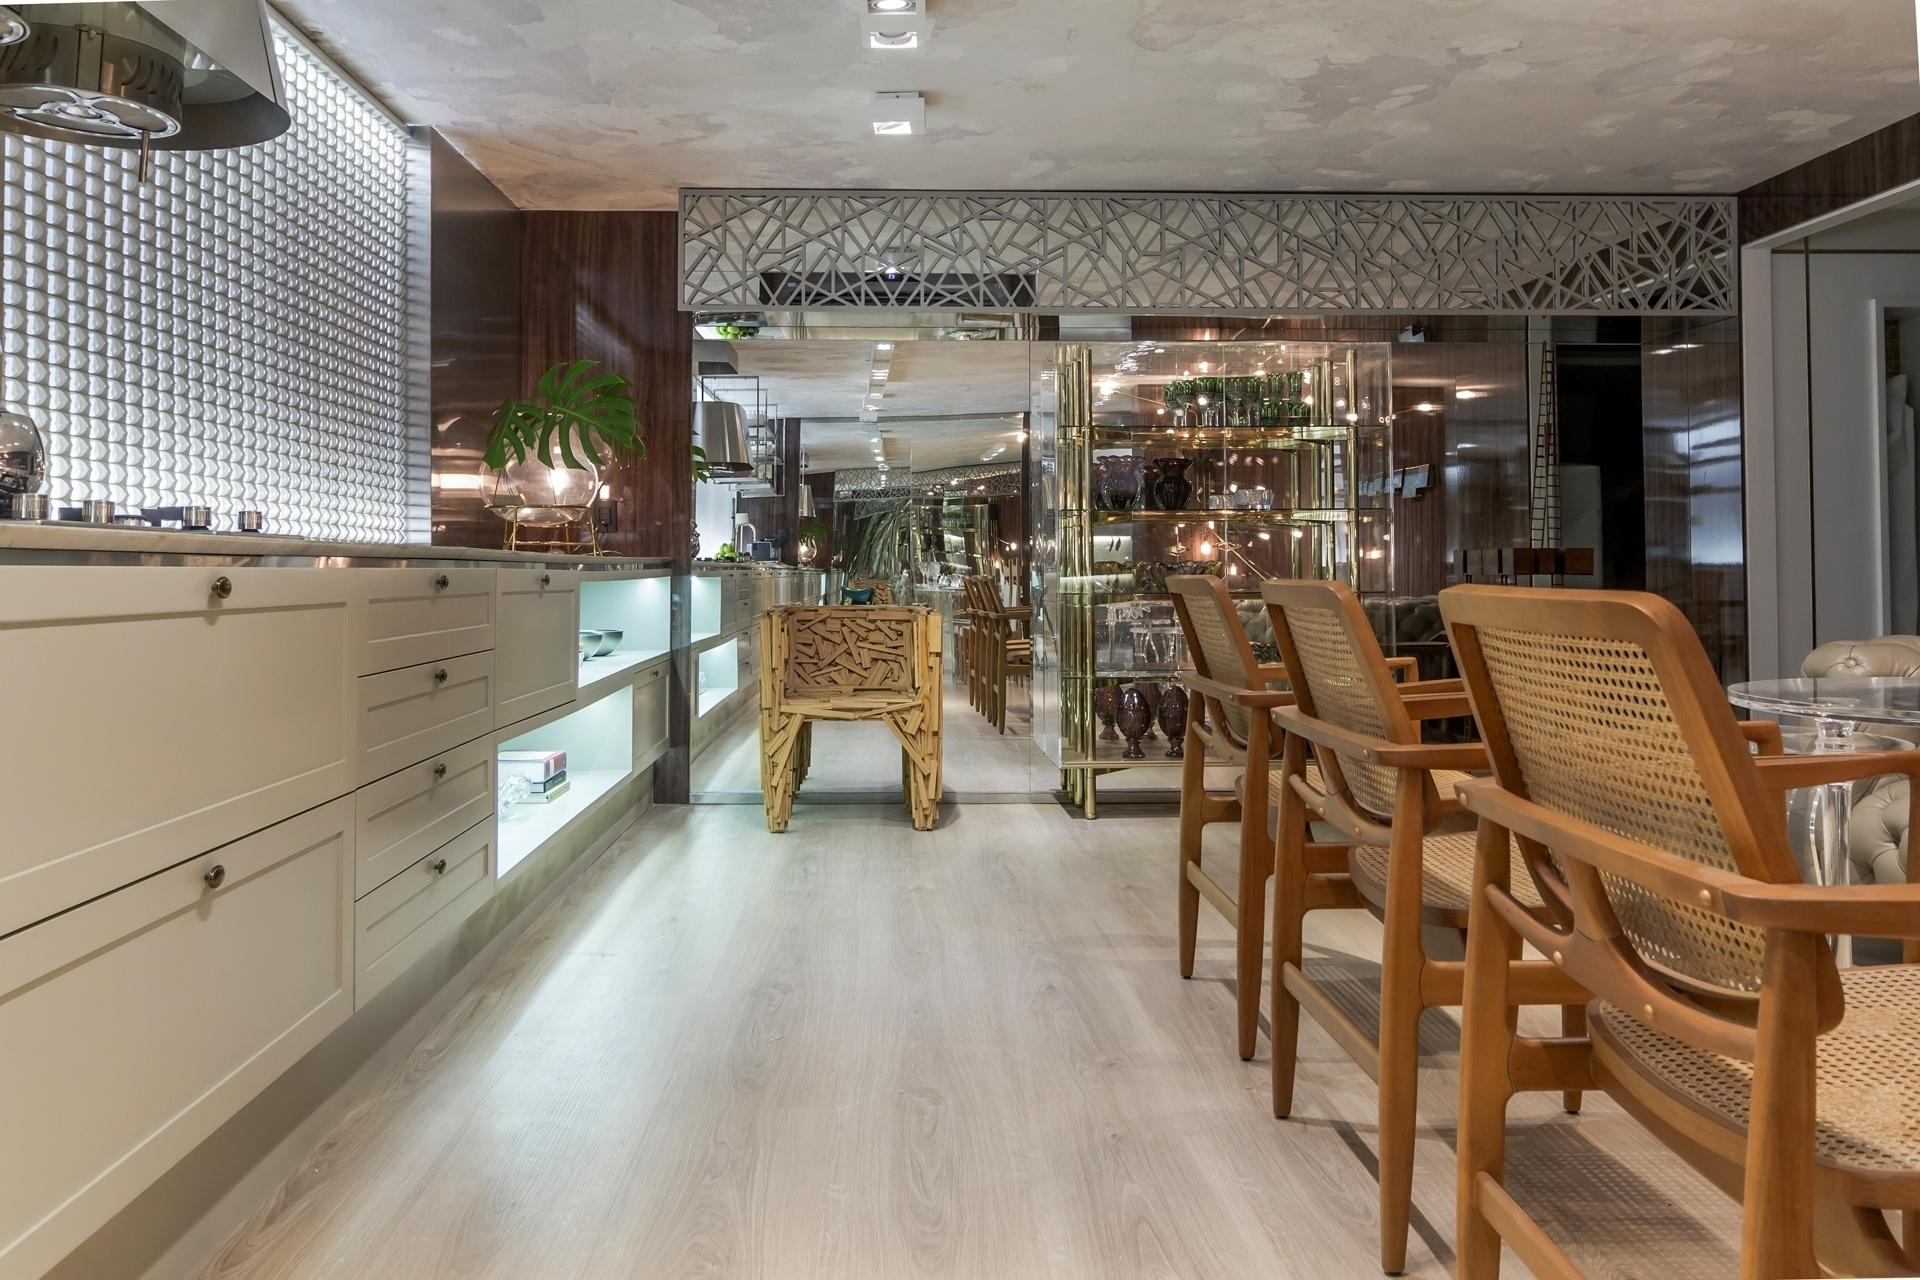 Casa Cor Paraíba 2016 - Para a Cozinha da Chef, Raquel Claudino e Geórgia Suassuna desenharam um painel vazado de aço, que emoldura o topo da parede espelhada. À esquerda, na janela, a cortina Parametre (HunterDouglas) é um painel de ecorresina recortado, que pode ser usado como divisória. Os elementos são contemporâneos e combinam com o mix de acabamentos e estilos de móveis do espaço